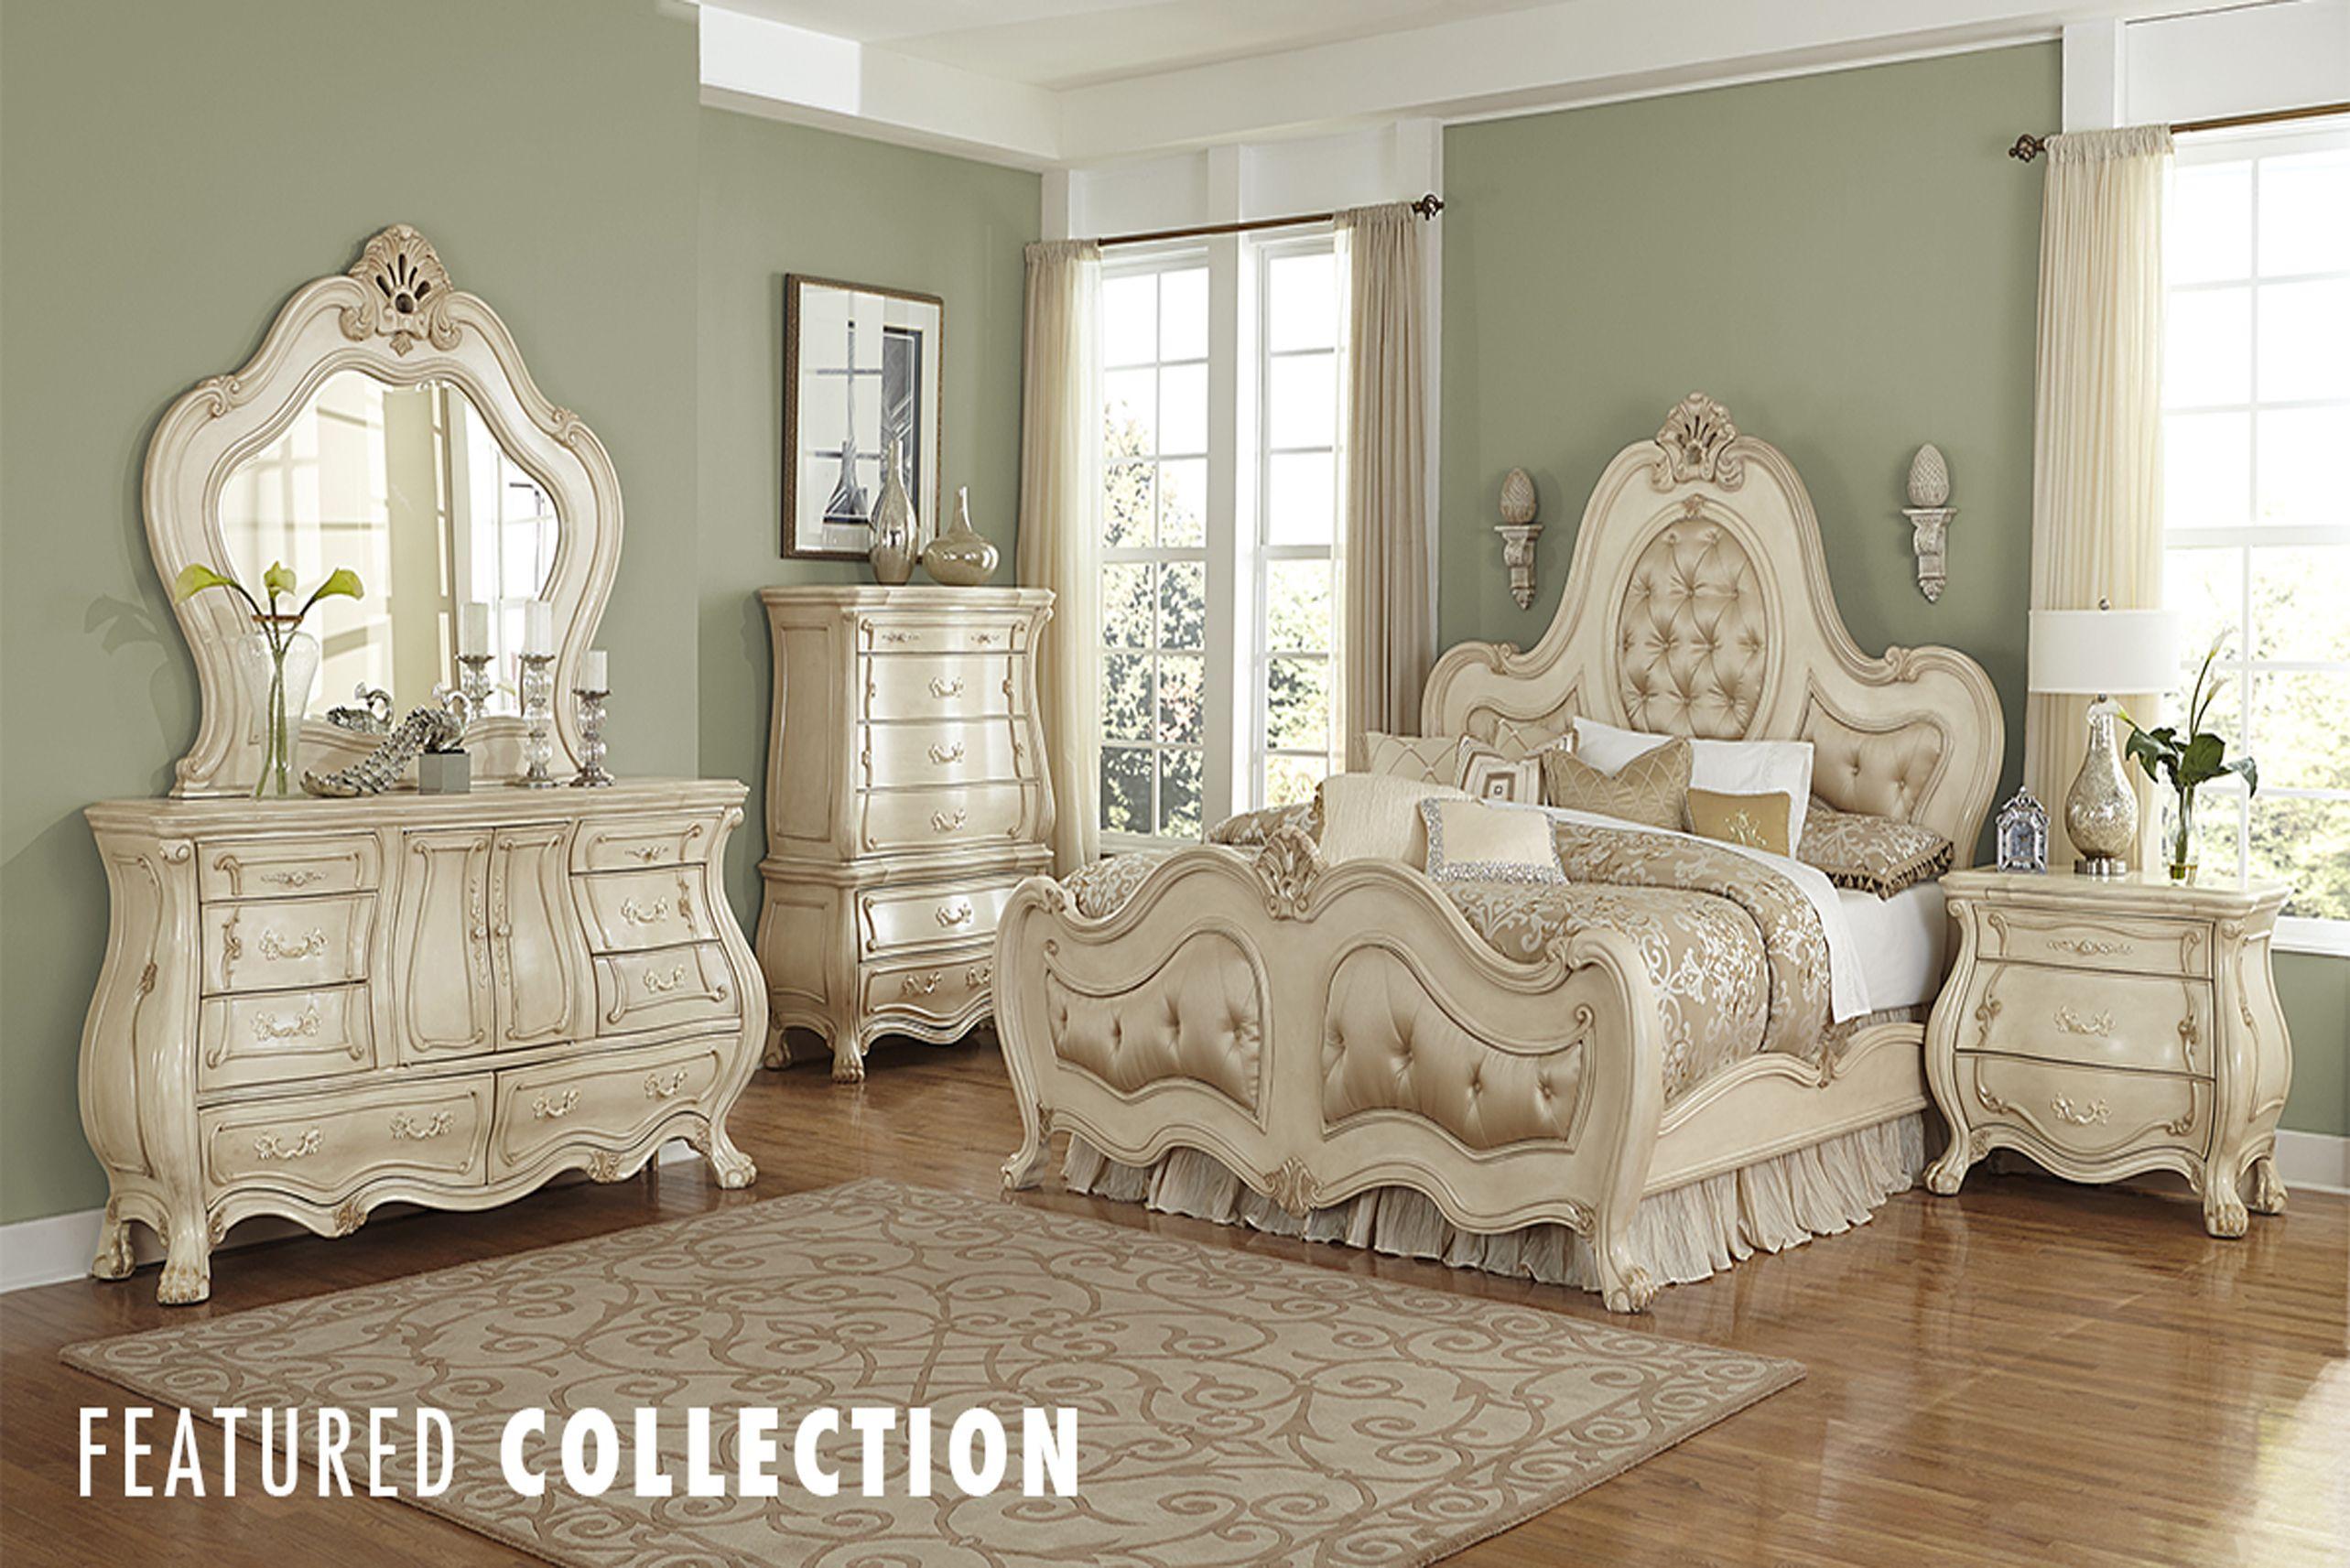 Best Michael Amini Furniture Designs Amini Com With Images 400 x 300